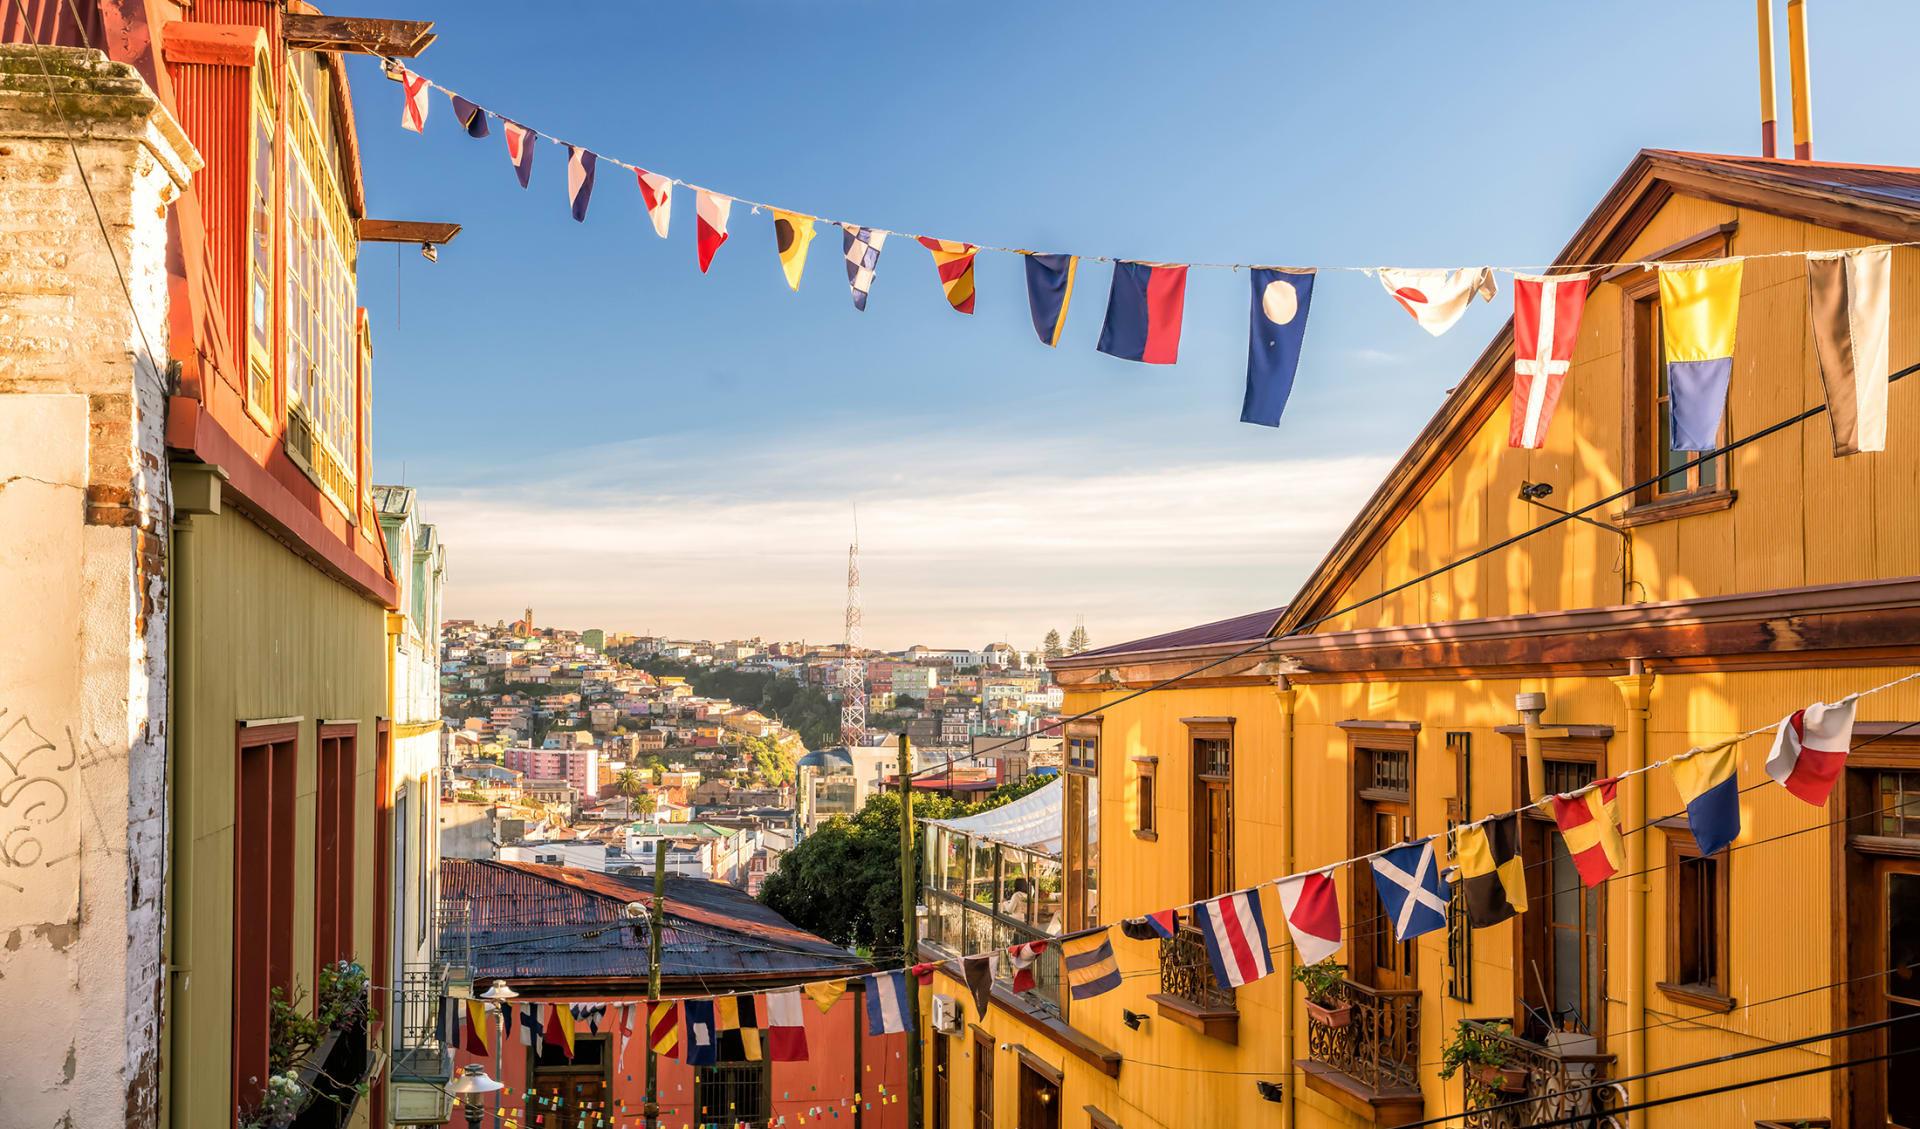 Valparaiso, Flitterwochen, Honeymoon, Chile